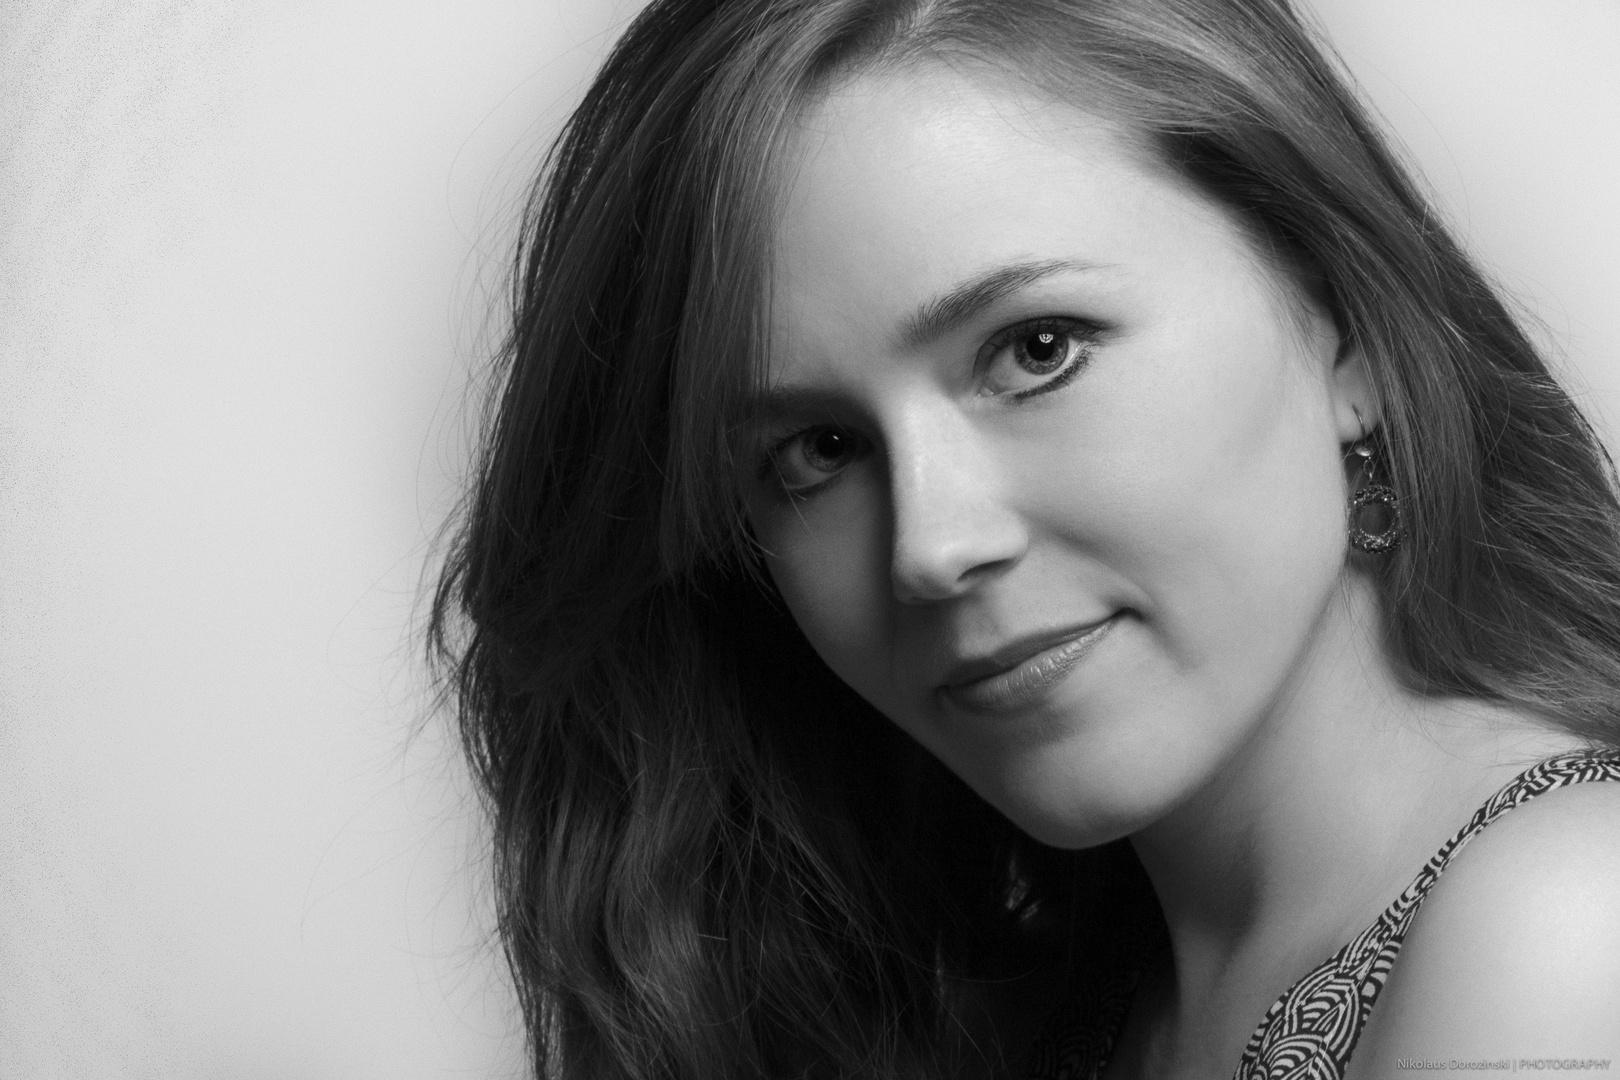 Miriam Portrait